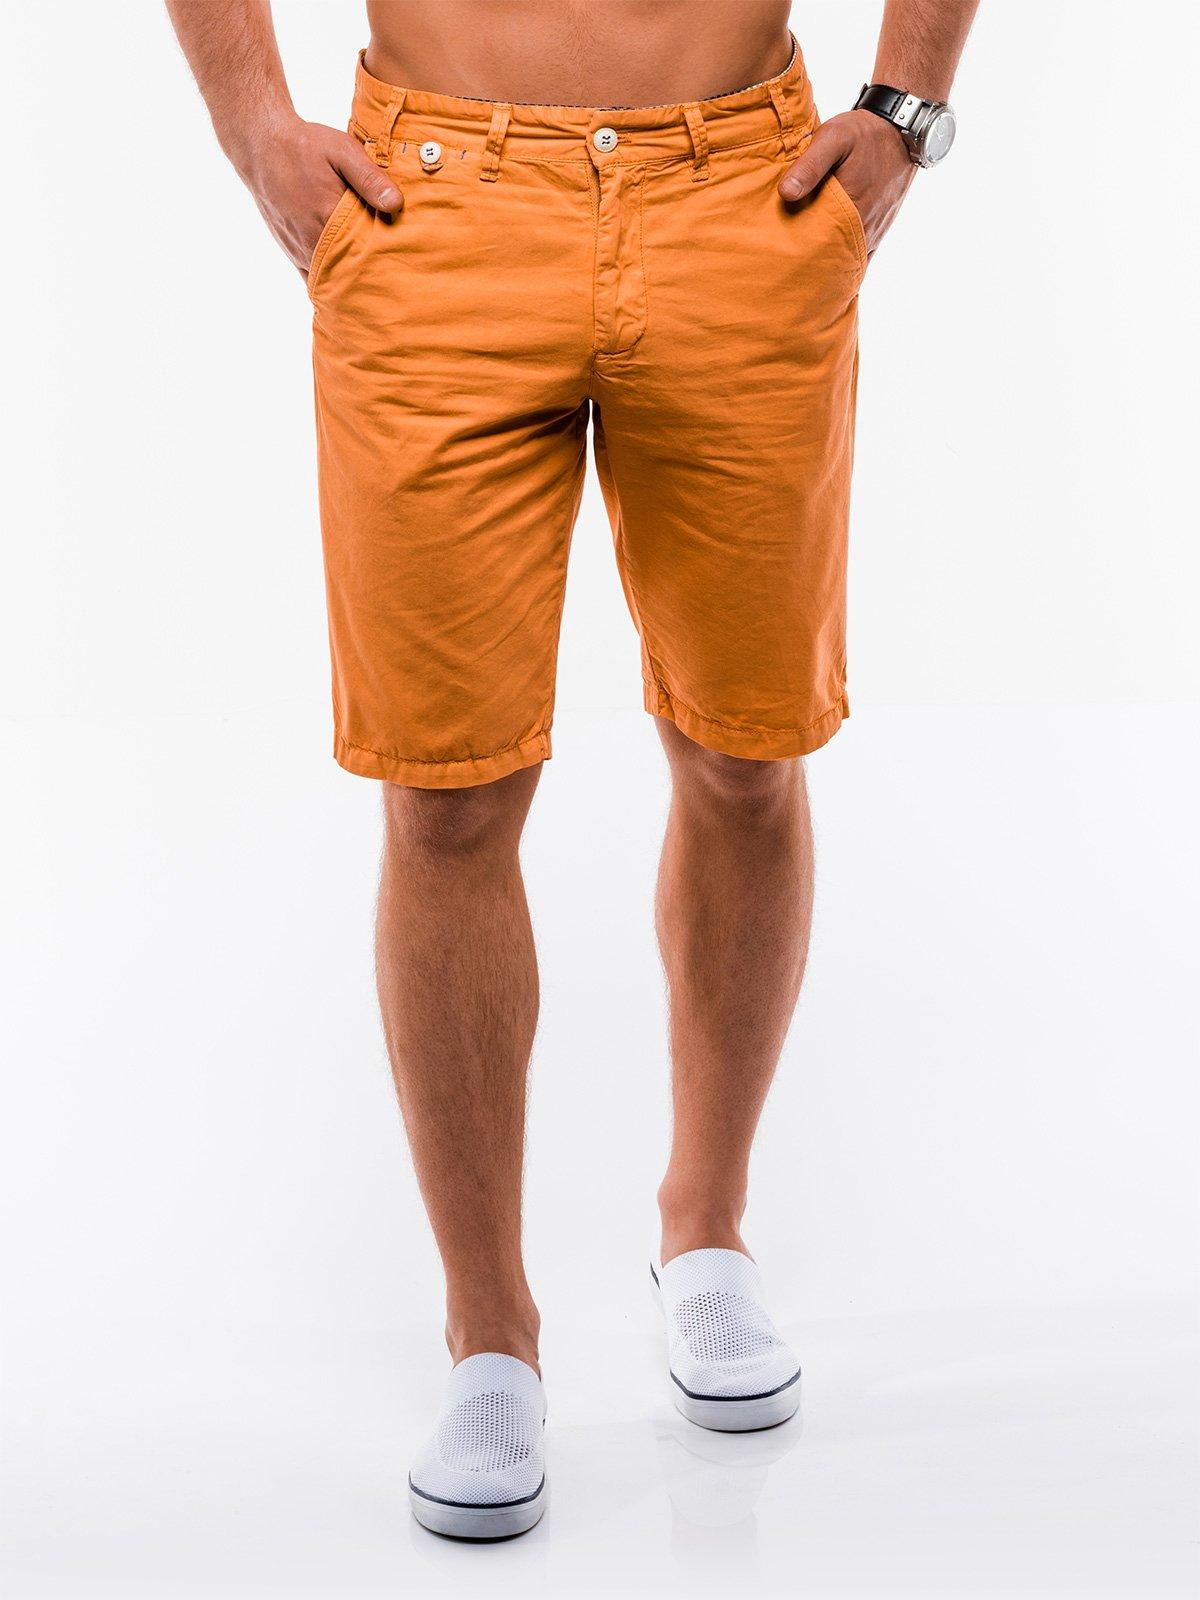 Купить Шорти чоловічі chino W195 - помаранчеві, Ombre Clothing